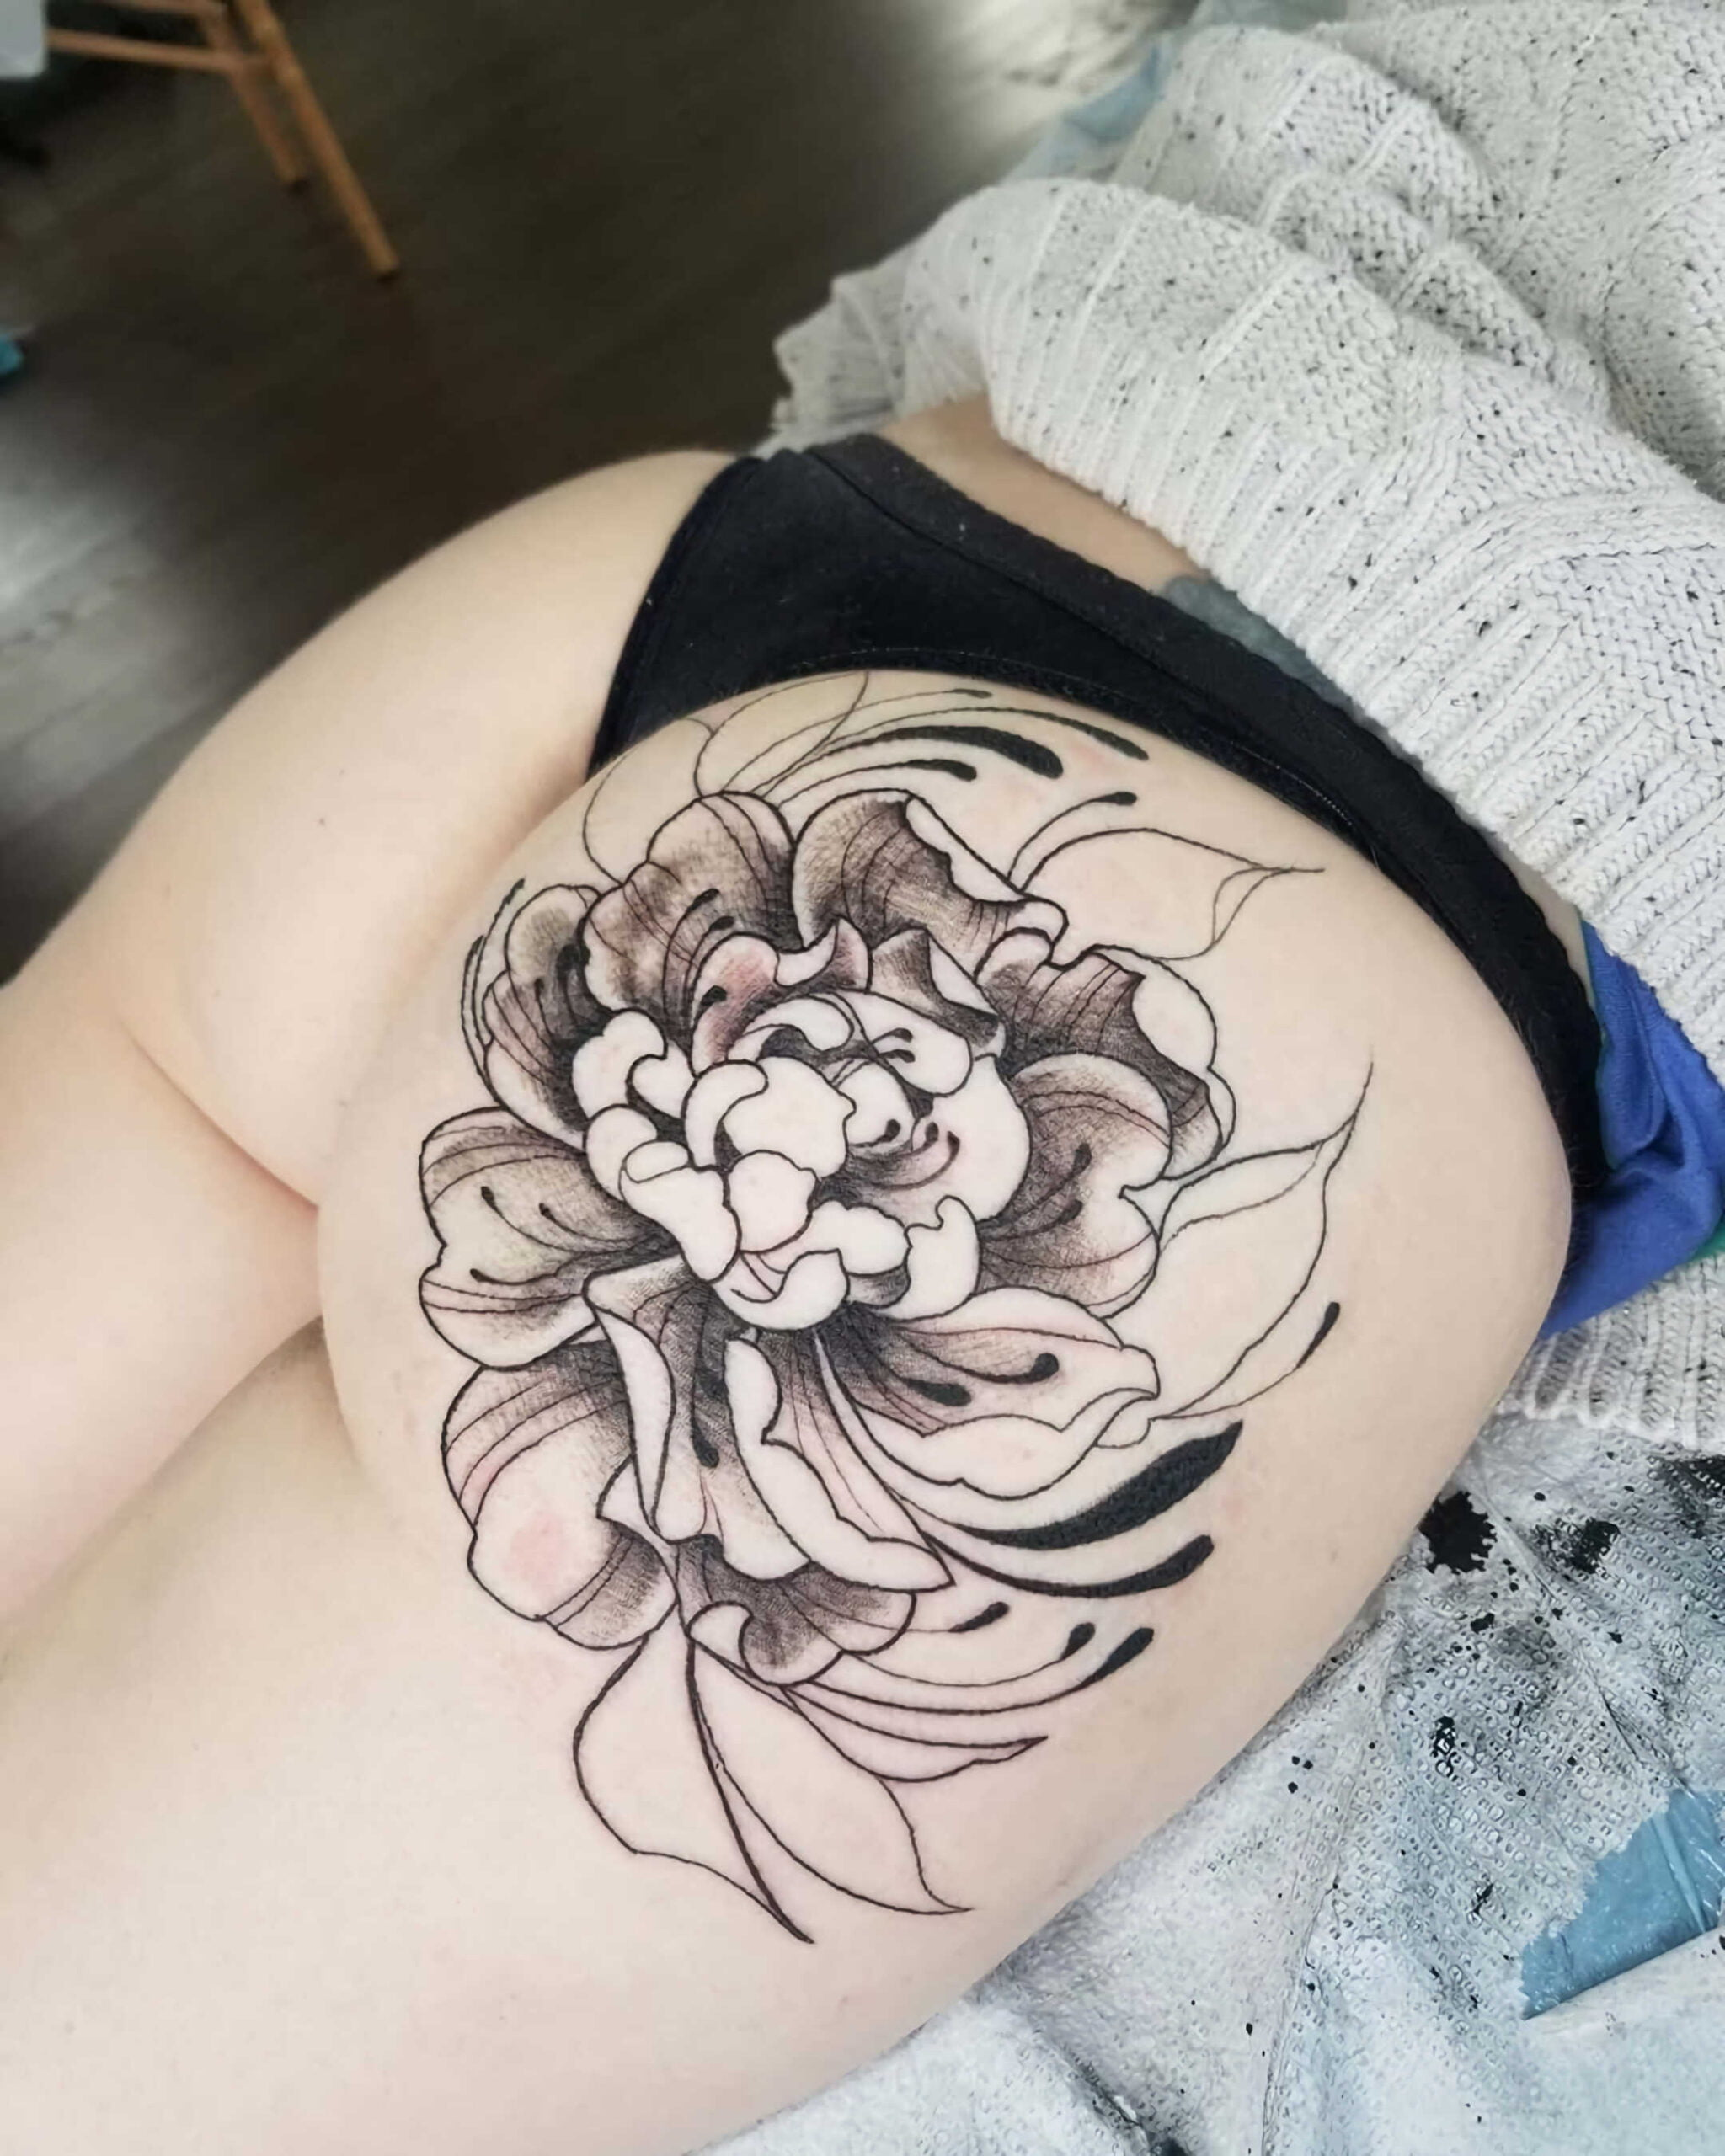 татуировка на ягодицах